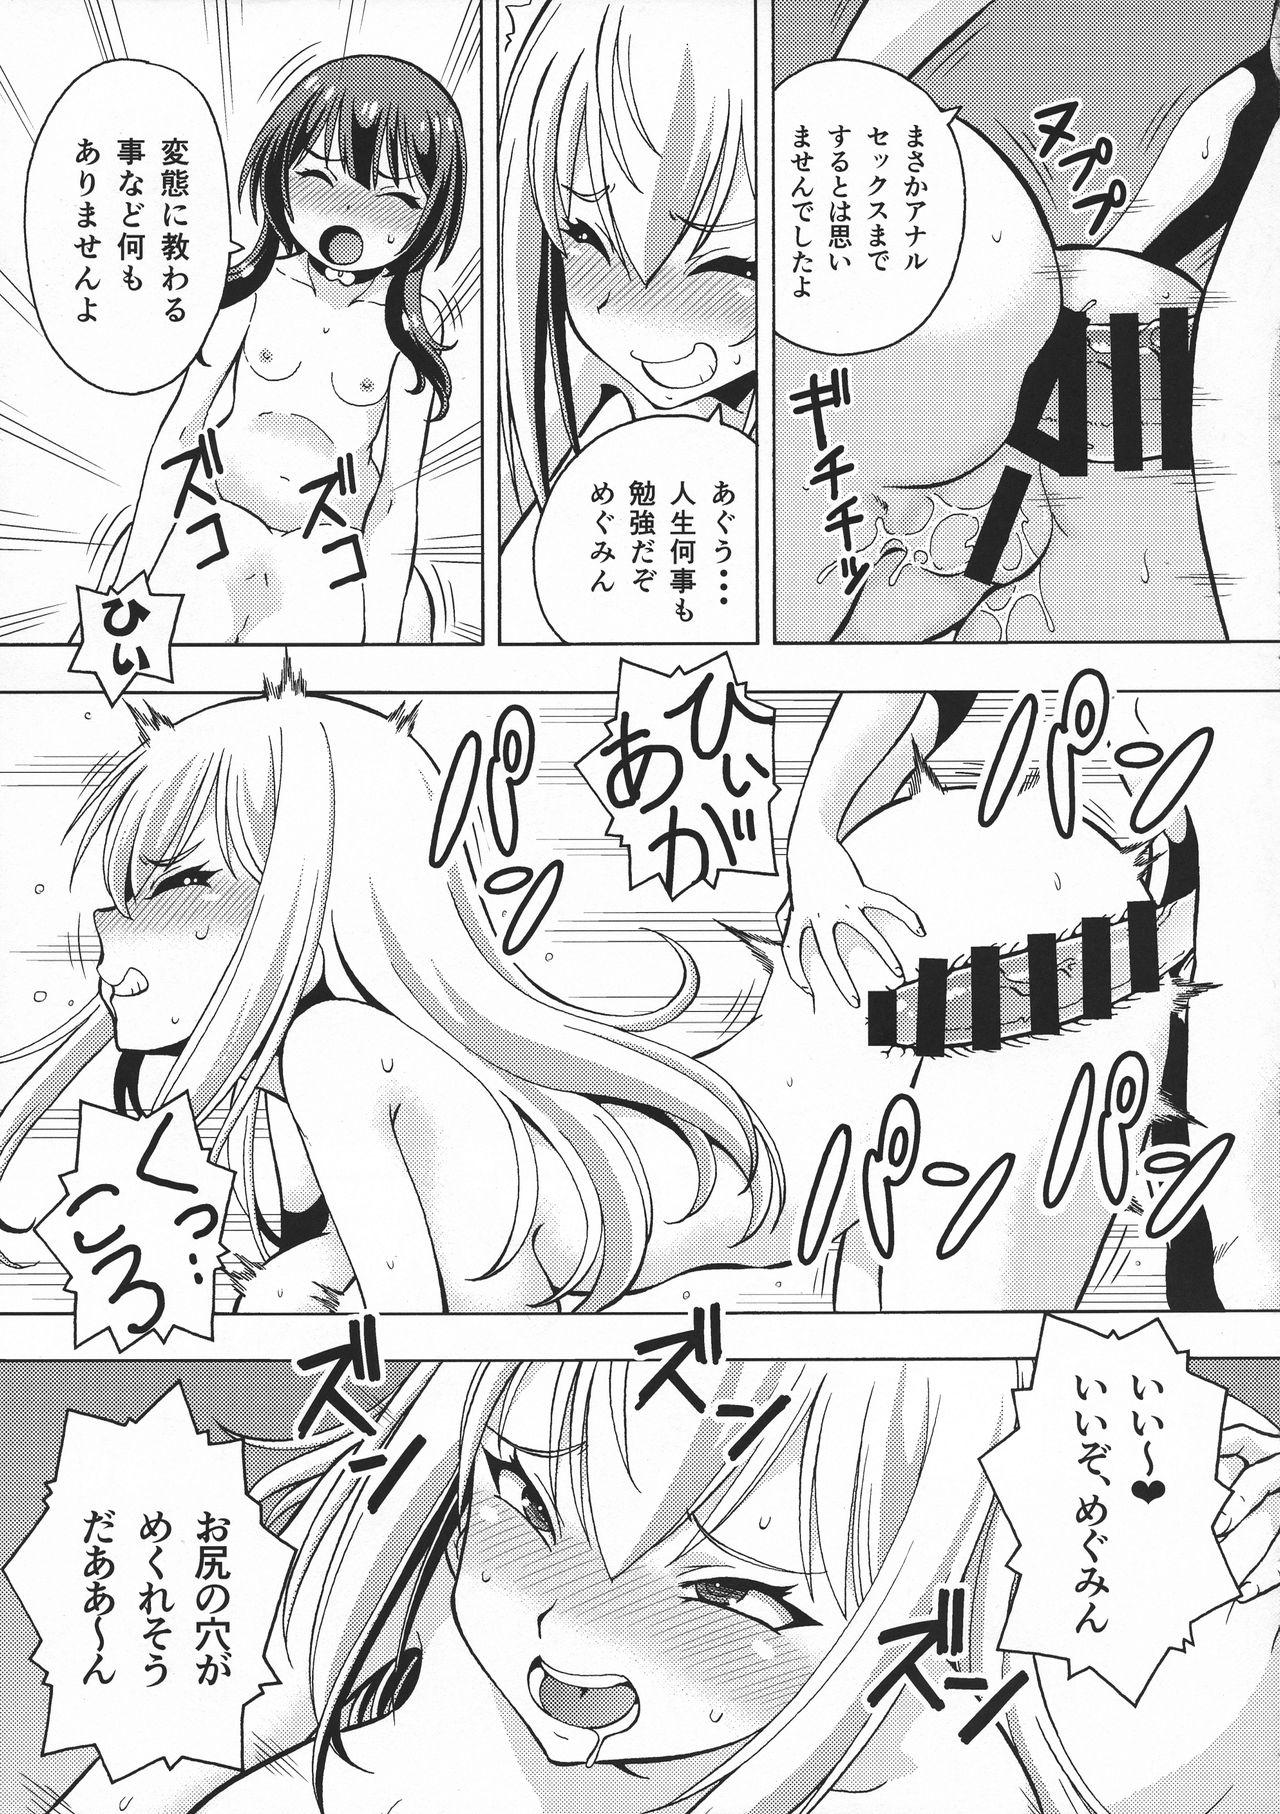 Ero Subarashii Sekai ni Nakadashi o! 6 FUTASUBA 22